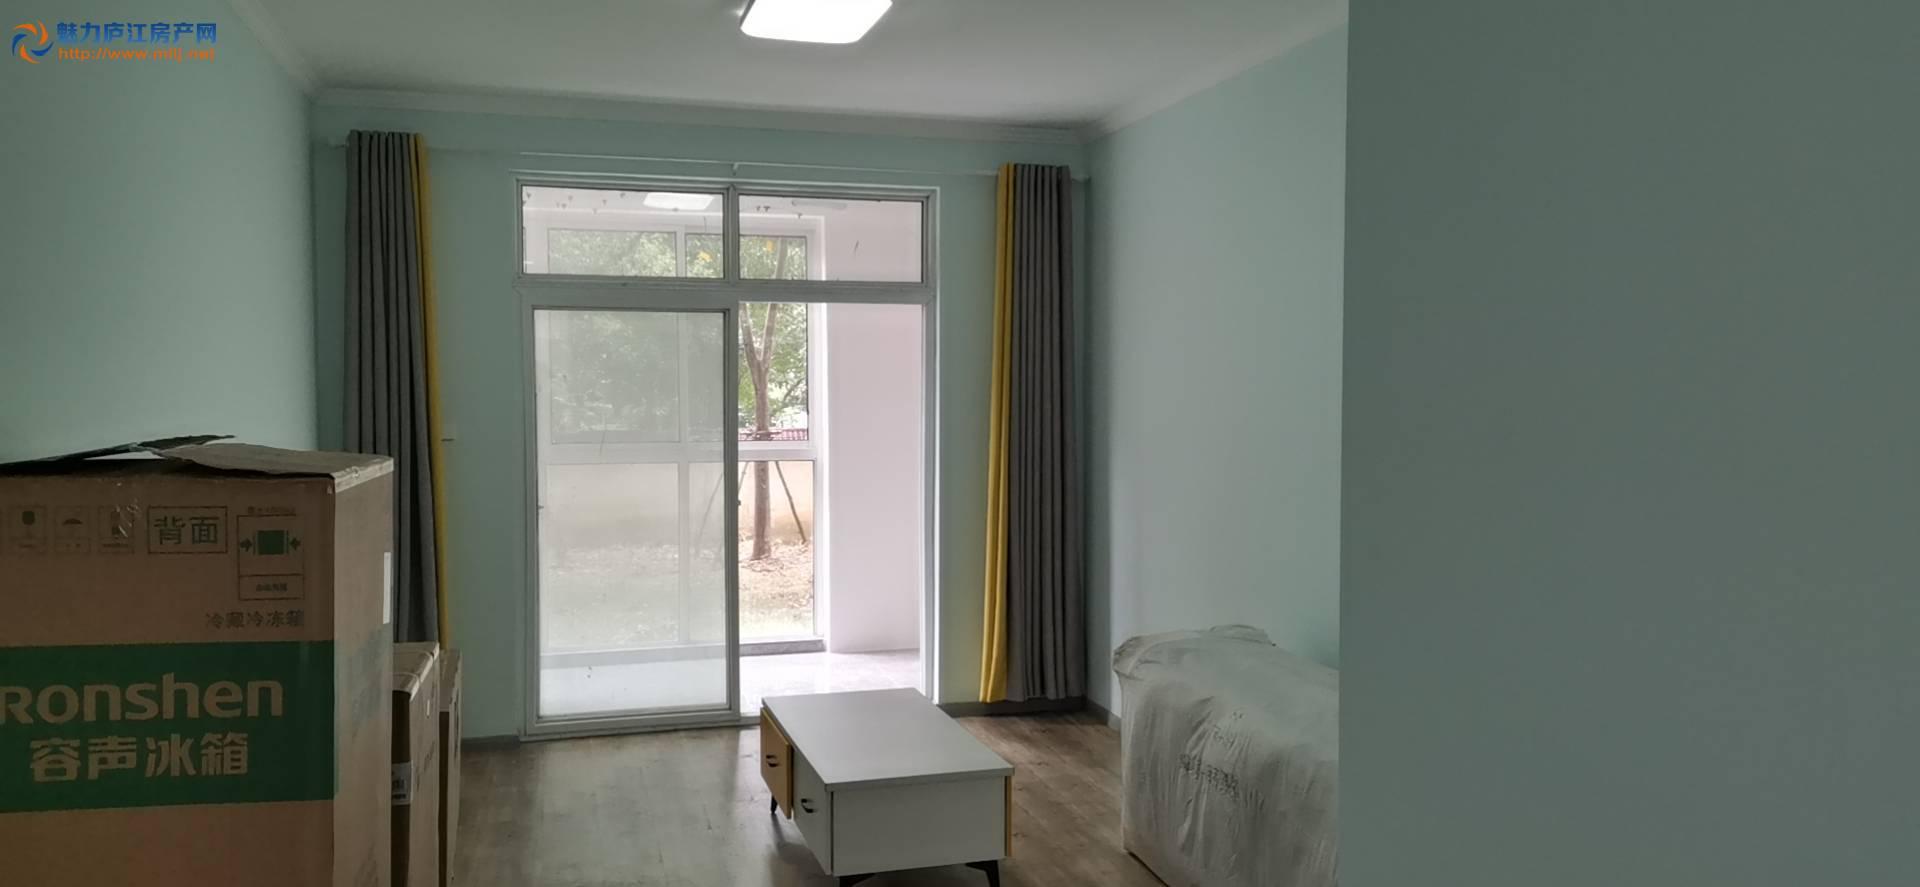 出租城西新村二期1室2厅1卫100平米1333元/月住宅